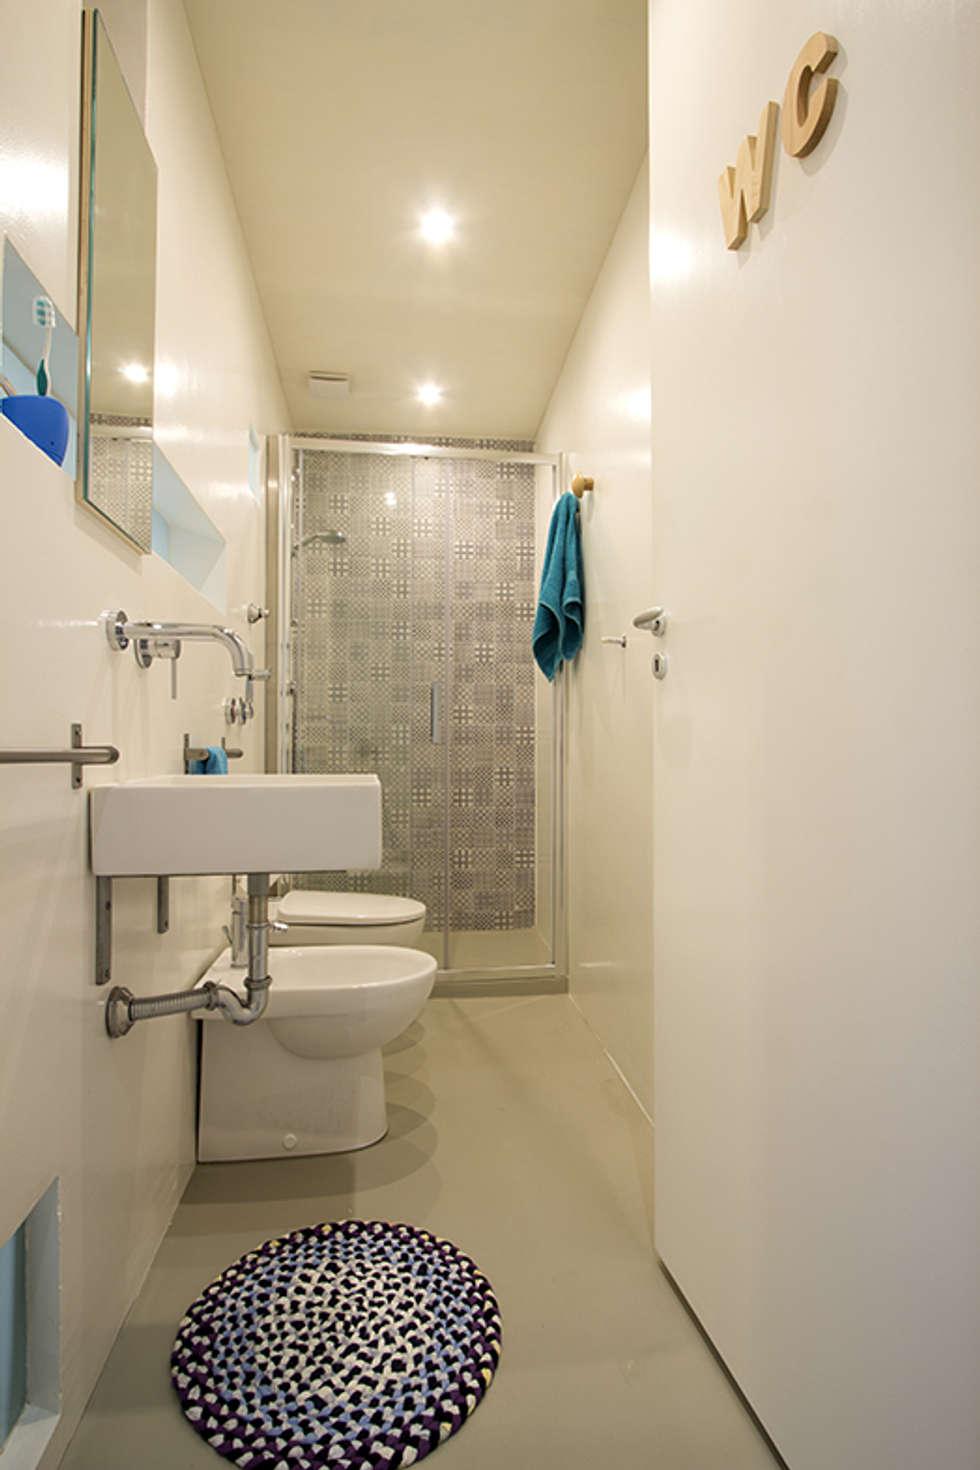 Il bagno: Bagno in stile in stile Mediterraneo di Ad'A